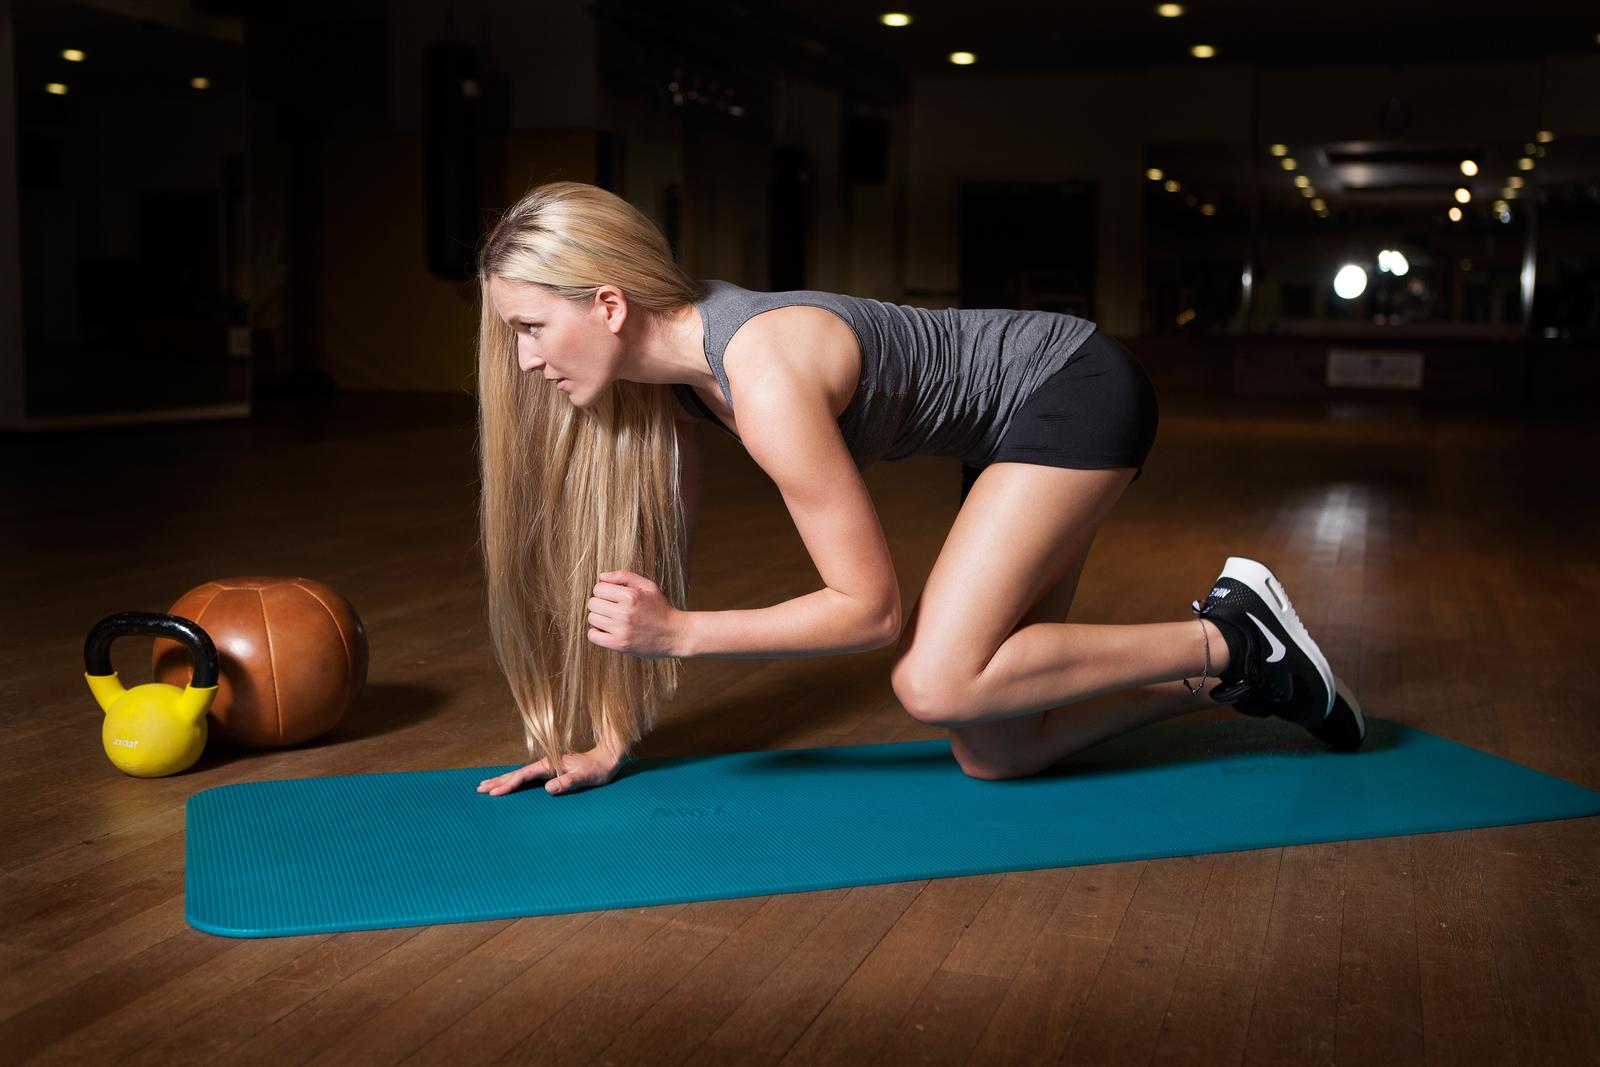 girl_fitness2